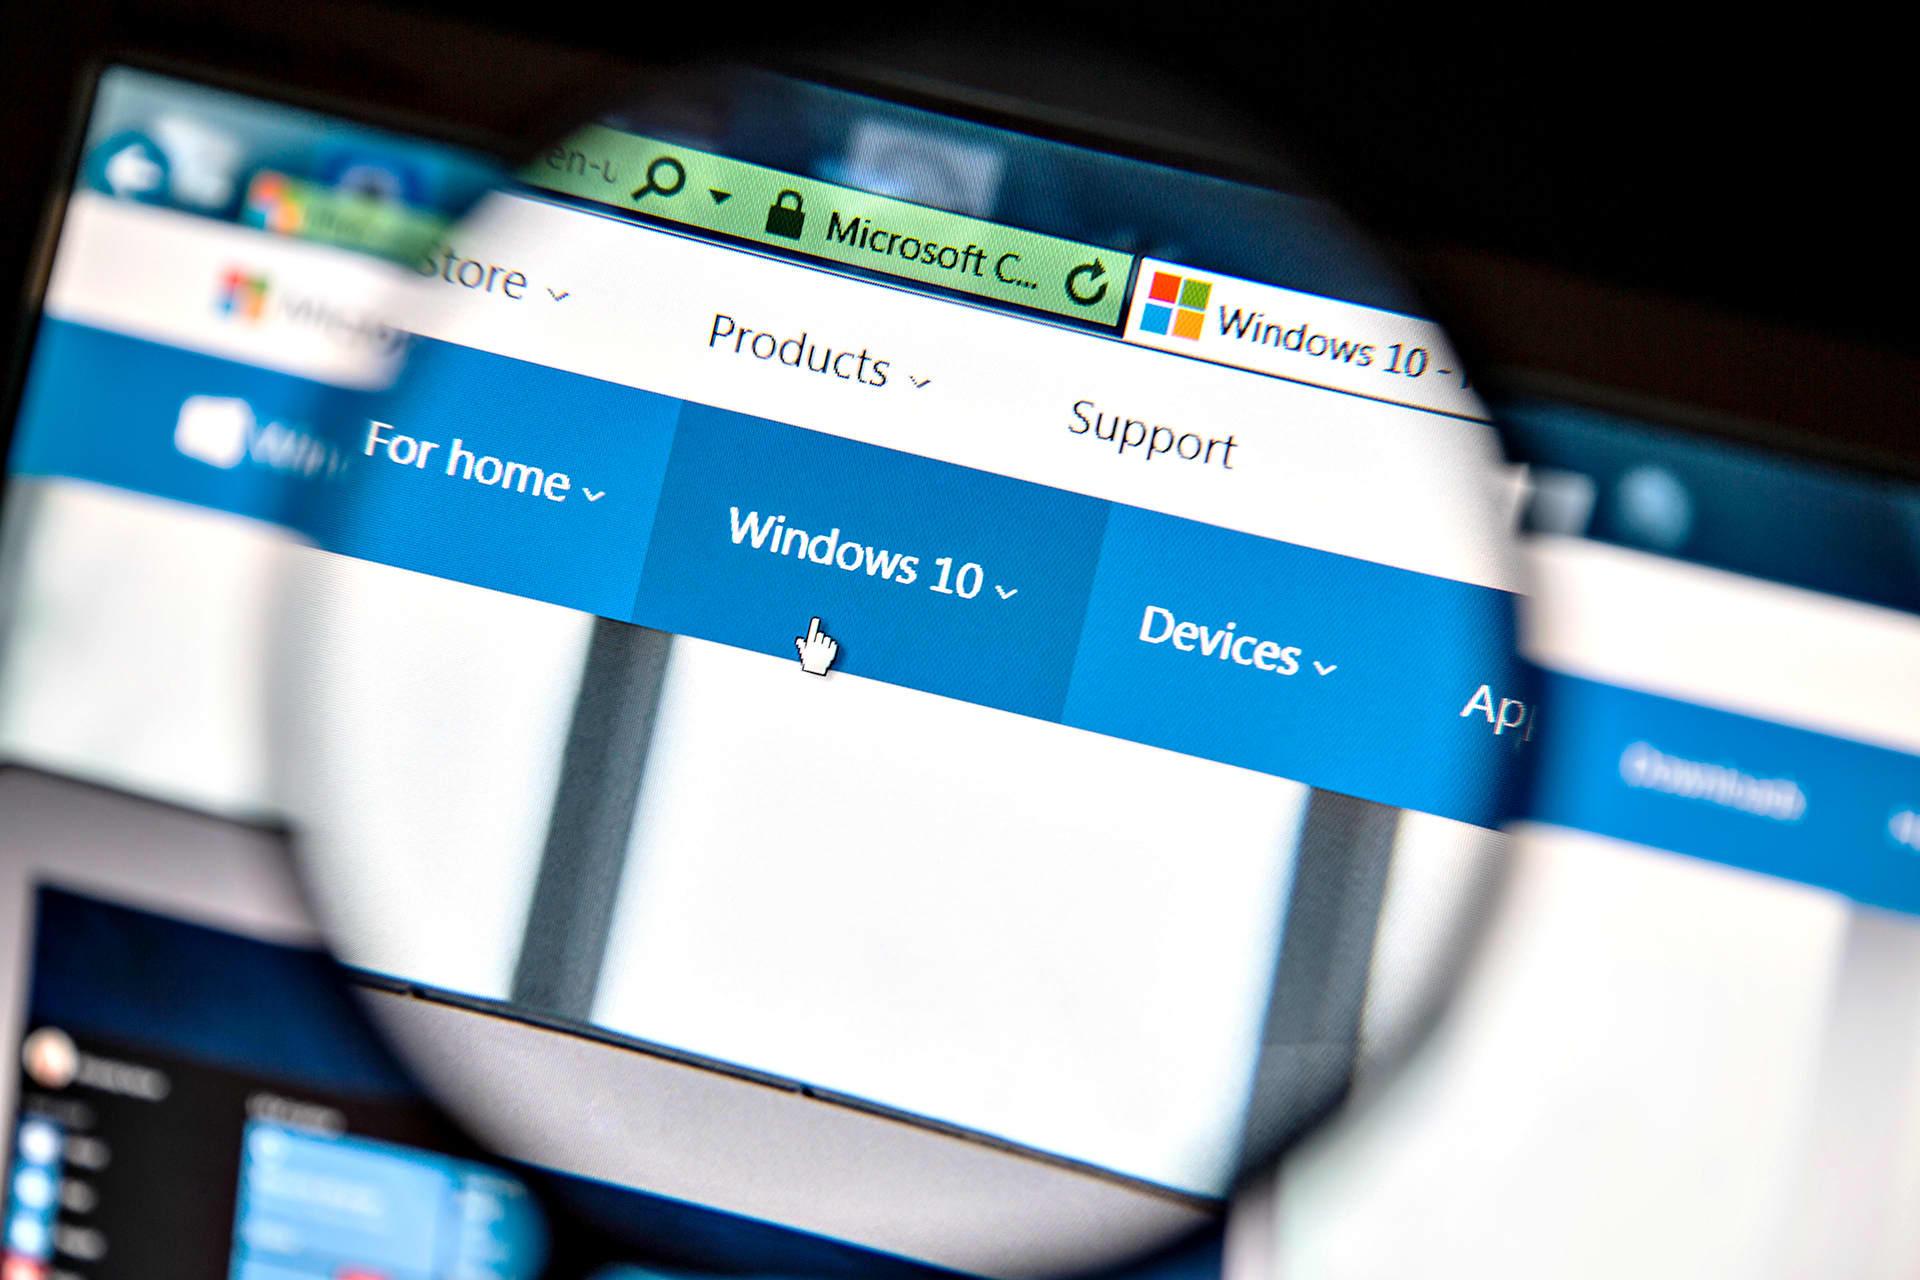 Suurennuslasin läpi näkyy tietokoneen näytöllä Windows 10:n alavalikko ja käsi-ikoni.